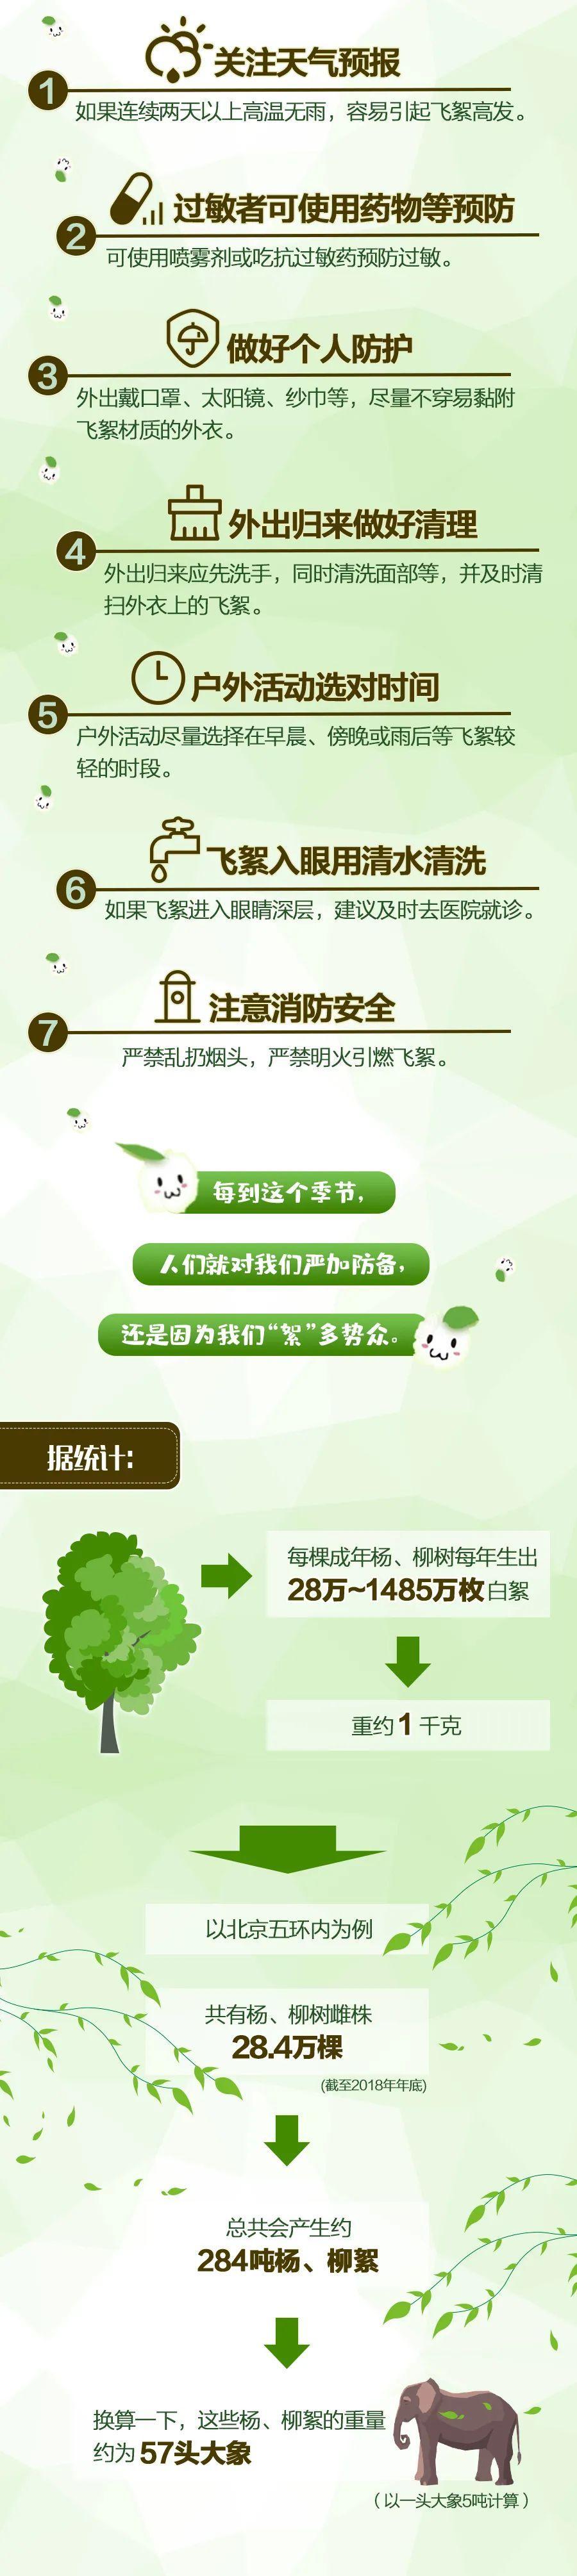 杨、柳絮:有人说我会传播新冠病毒?其实……